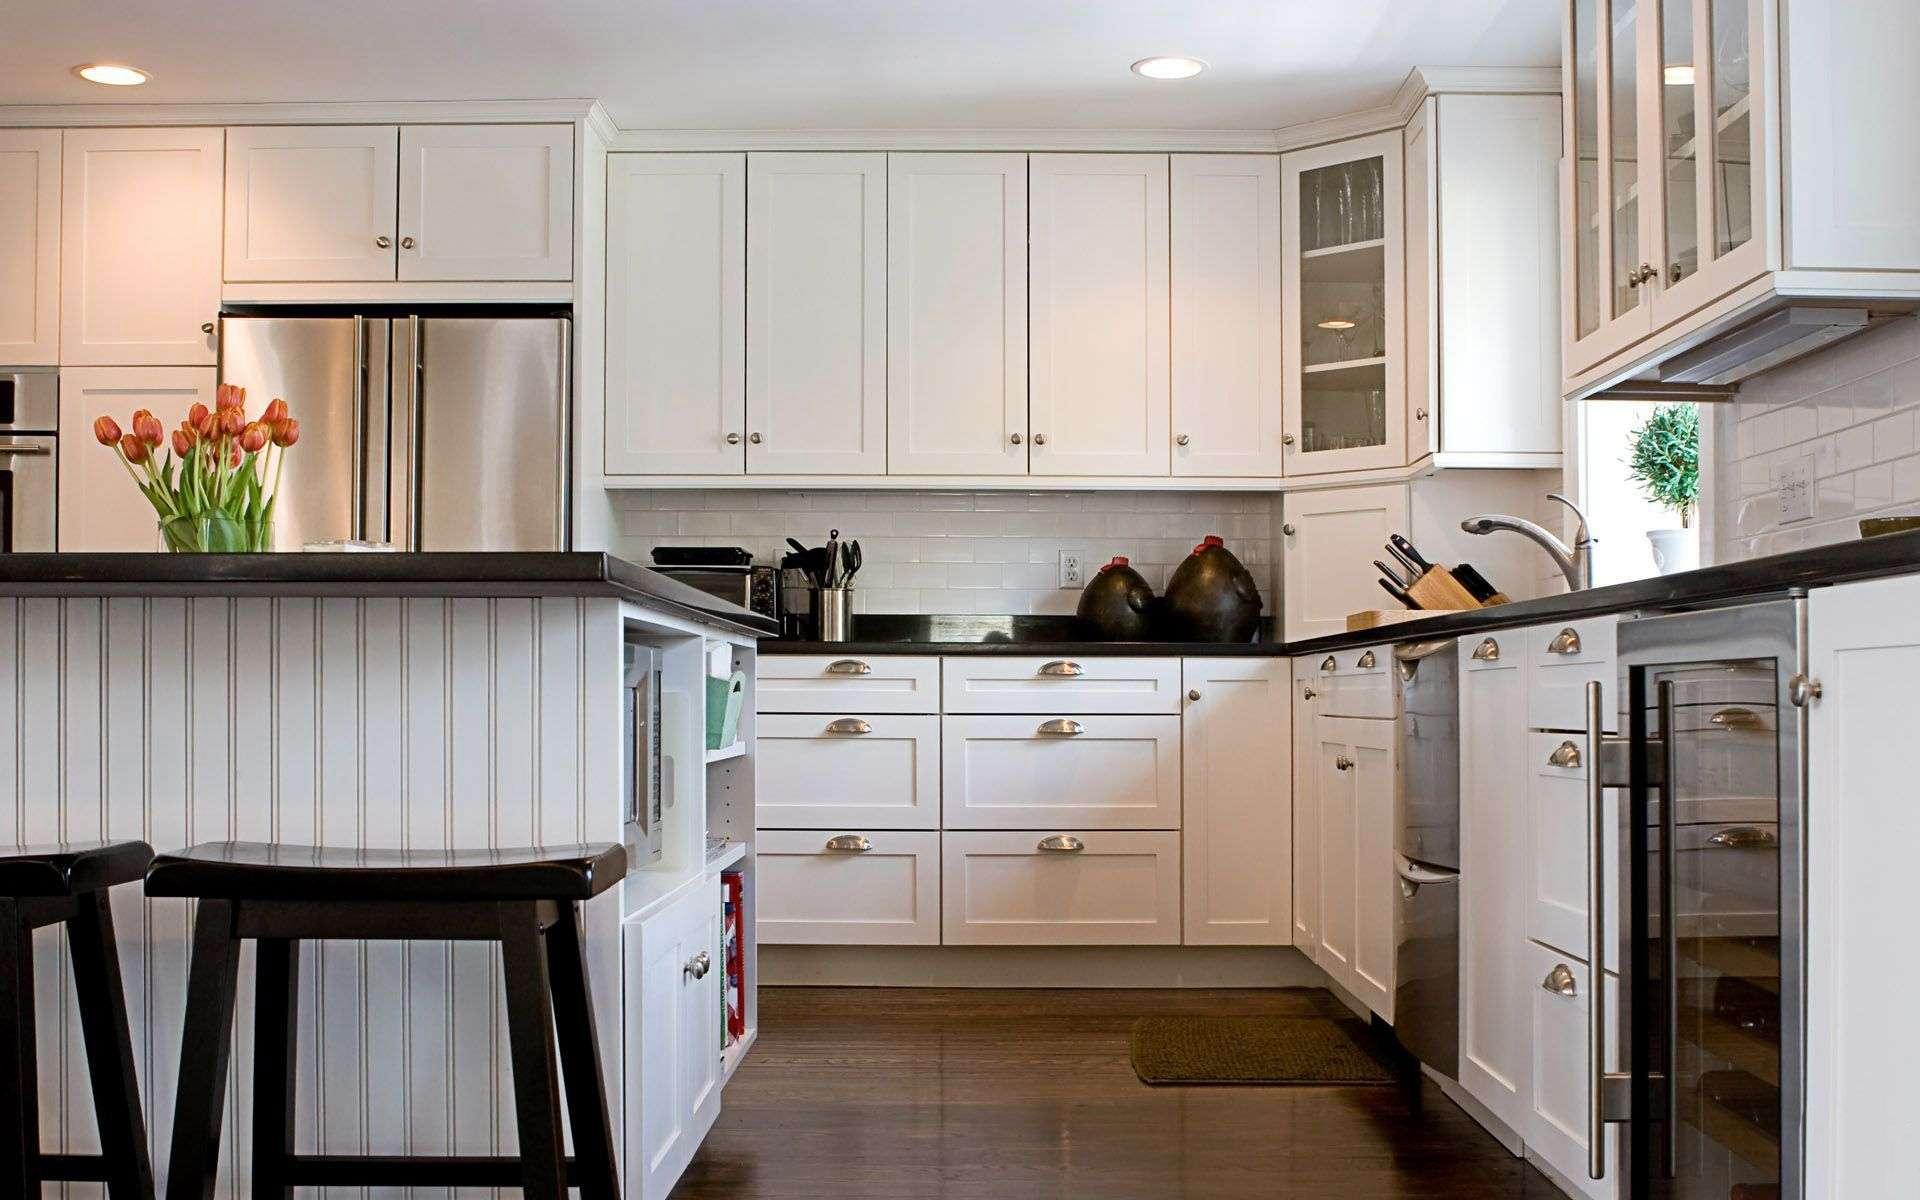 陶源居 户型图 原始结构图 好易家 装饰 装修 设计 简欧 厨房图片来自好易家装饰集团在陶源居3栋7栋E1 E2户型图的分享